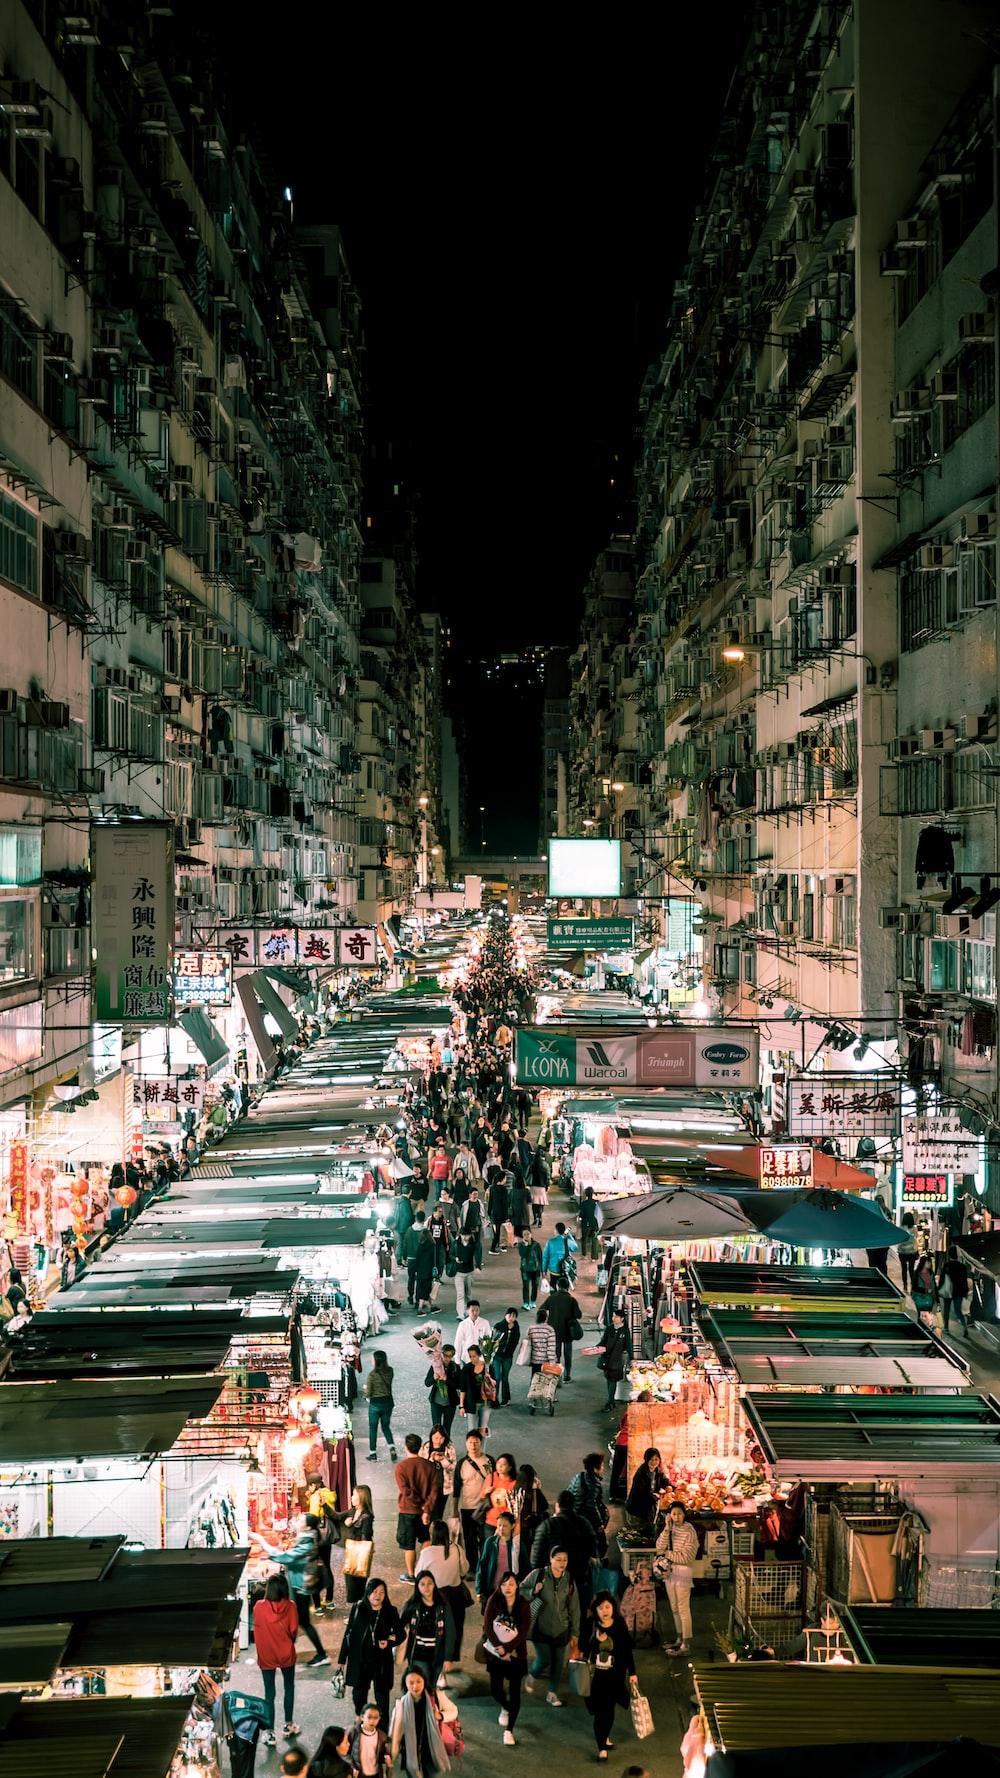 people walking on the streets between buildings